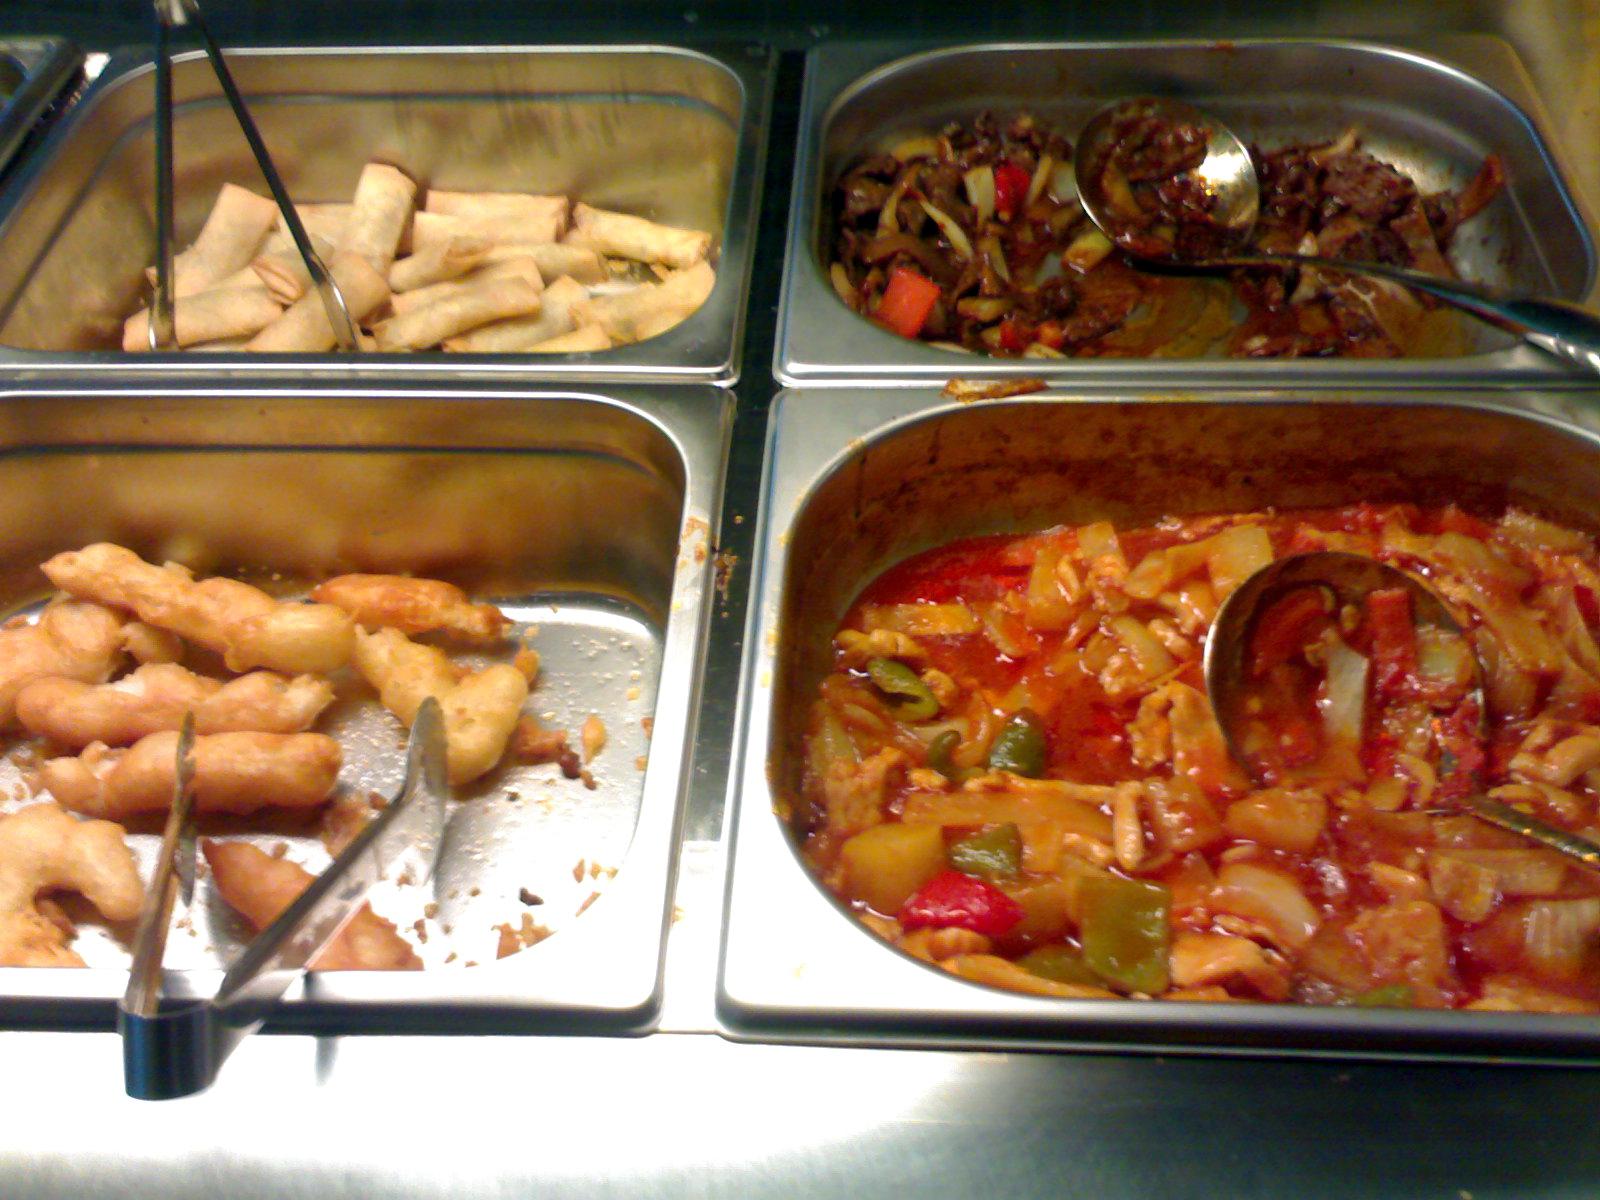 China Flavor, Helsinki: kevätrullia, peking-nautaa, kalaa, ananas-kanaa